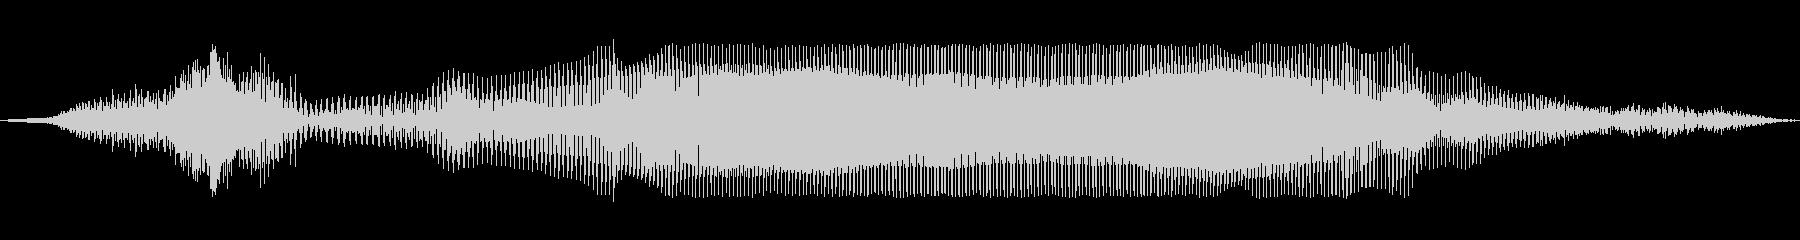 よぉーい…の未再生の波形